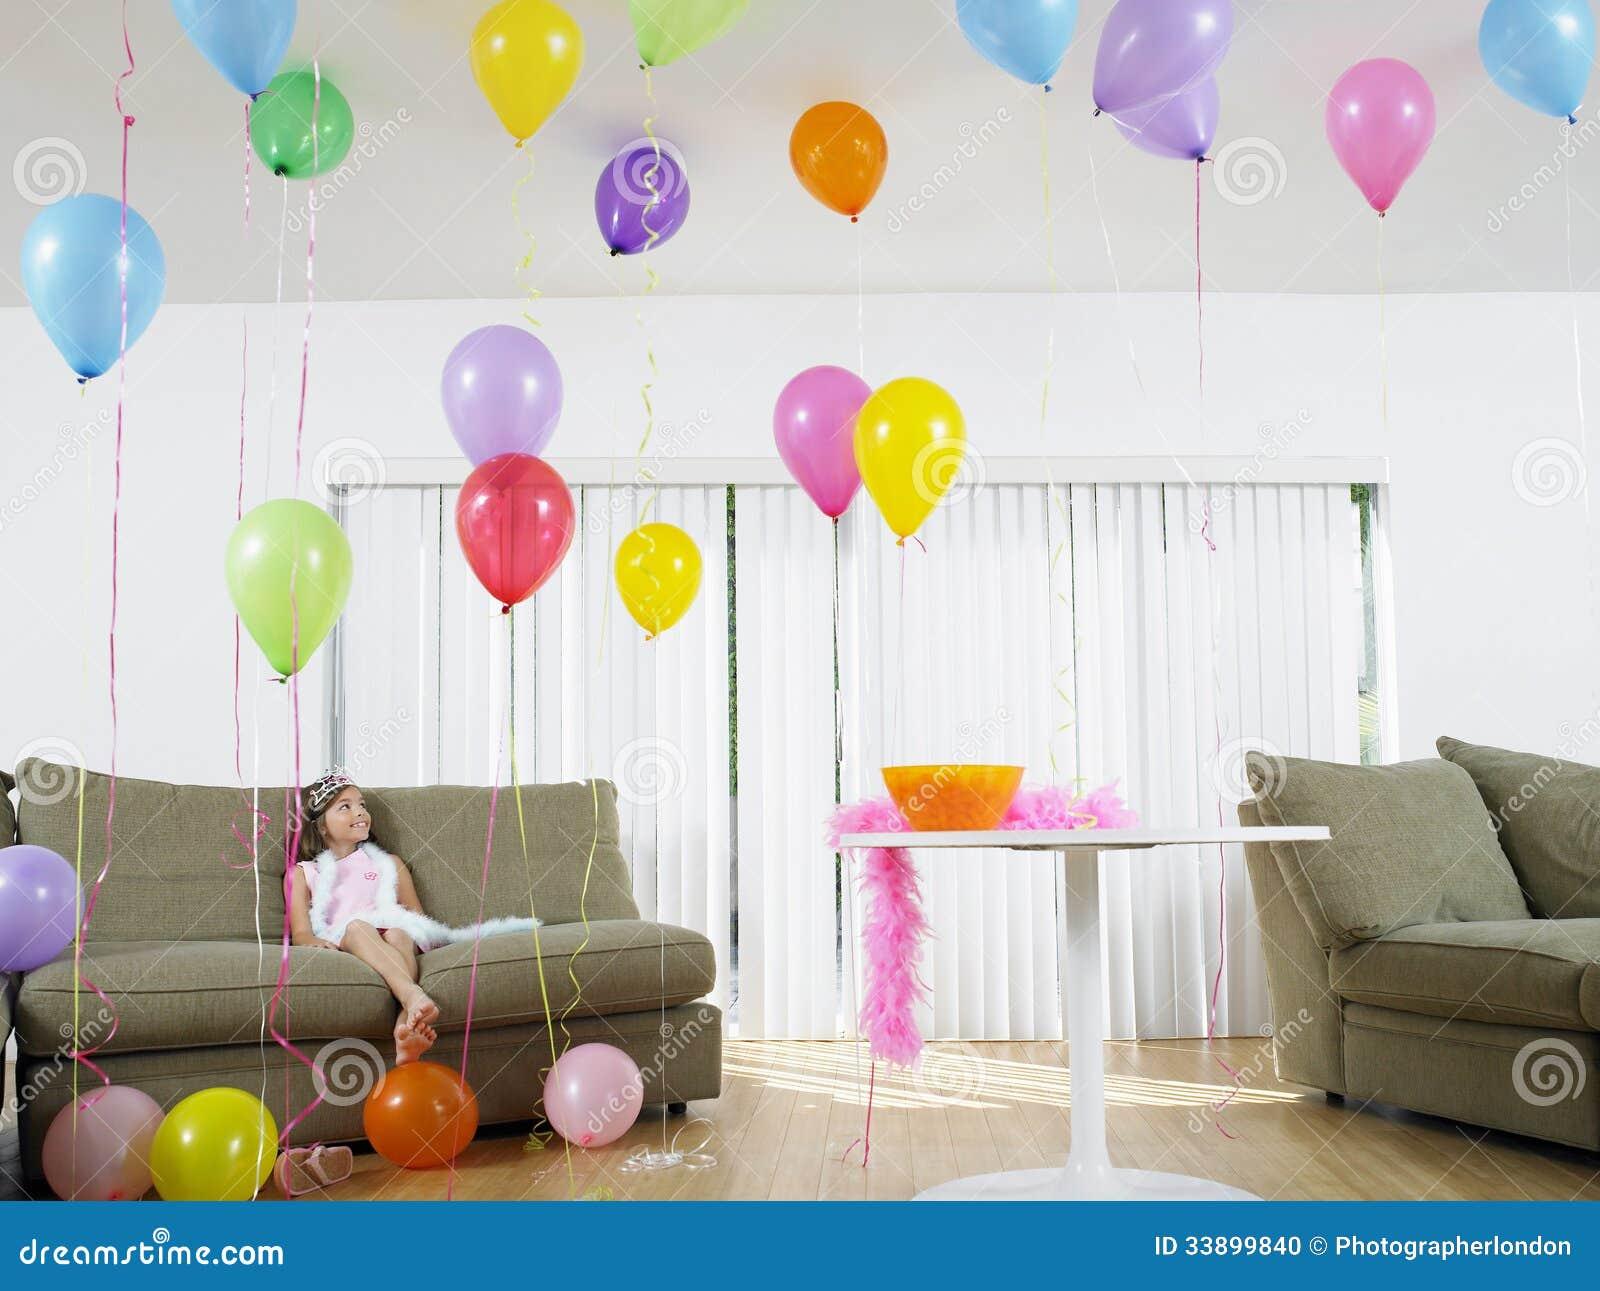 Украшенная комната на день рождения мужчине 13 фотография